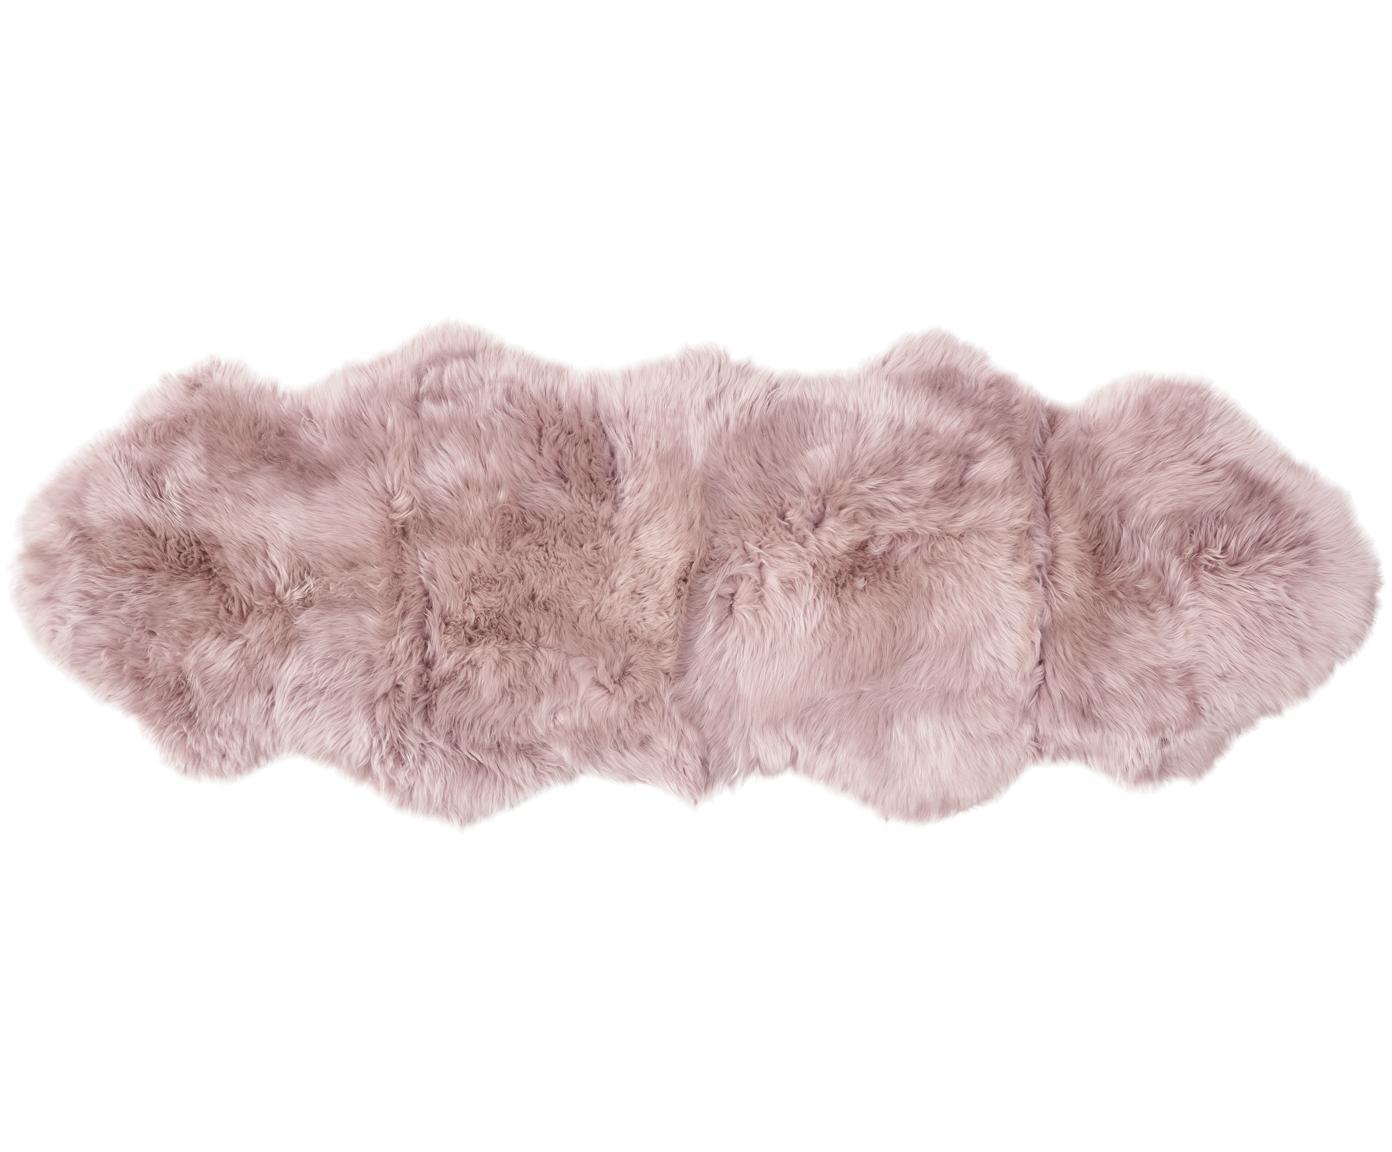 Dywan ze skóry owczej Oslo, Blady różowy, S 60 x D 180 cm